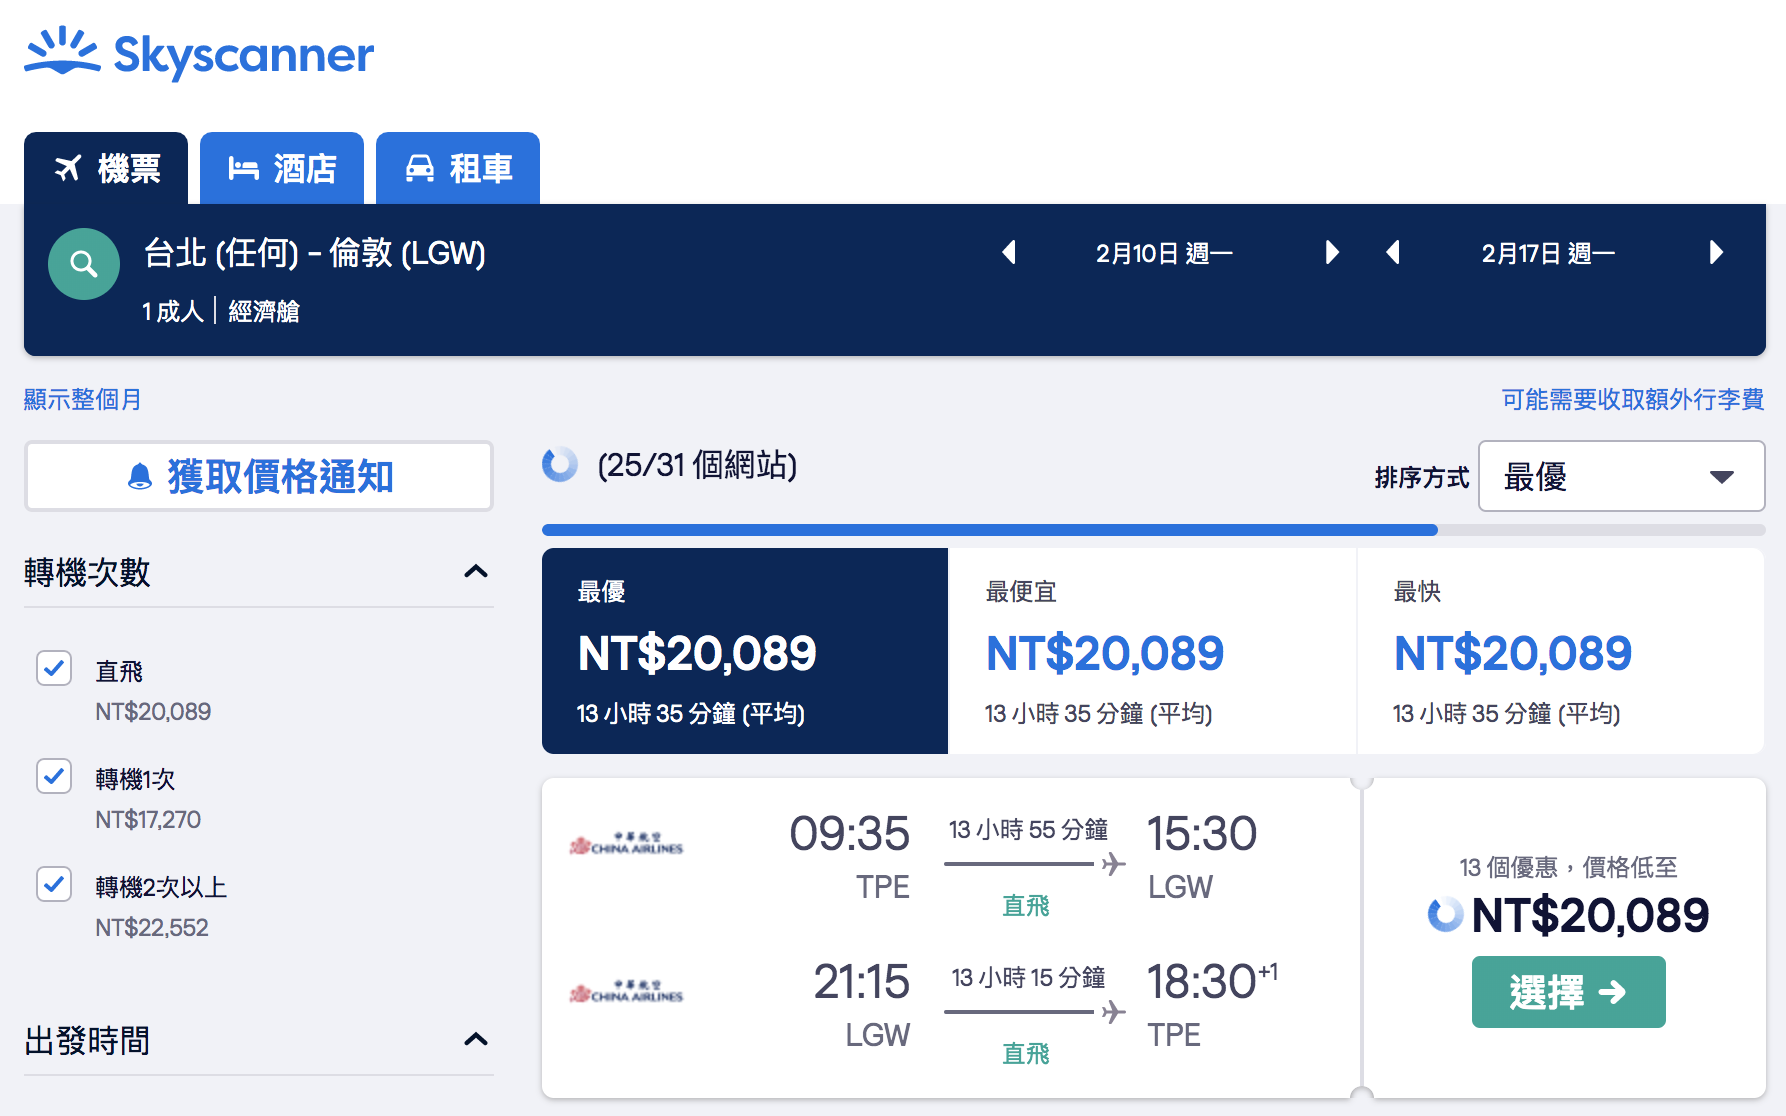 華航ITF特價,推薦日韓短程線比較長榮、美洲長程線可入手~(查票:108.10.18)